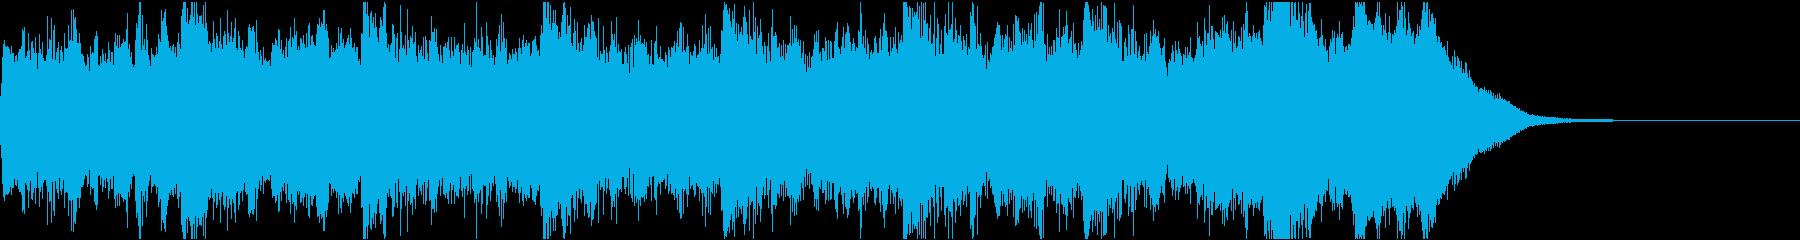 恐怖場面ベル&オーボエジングル(15秒)の再生済みの波形